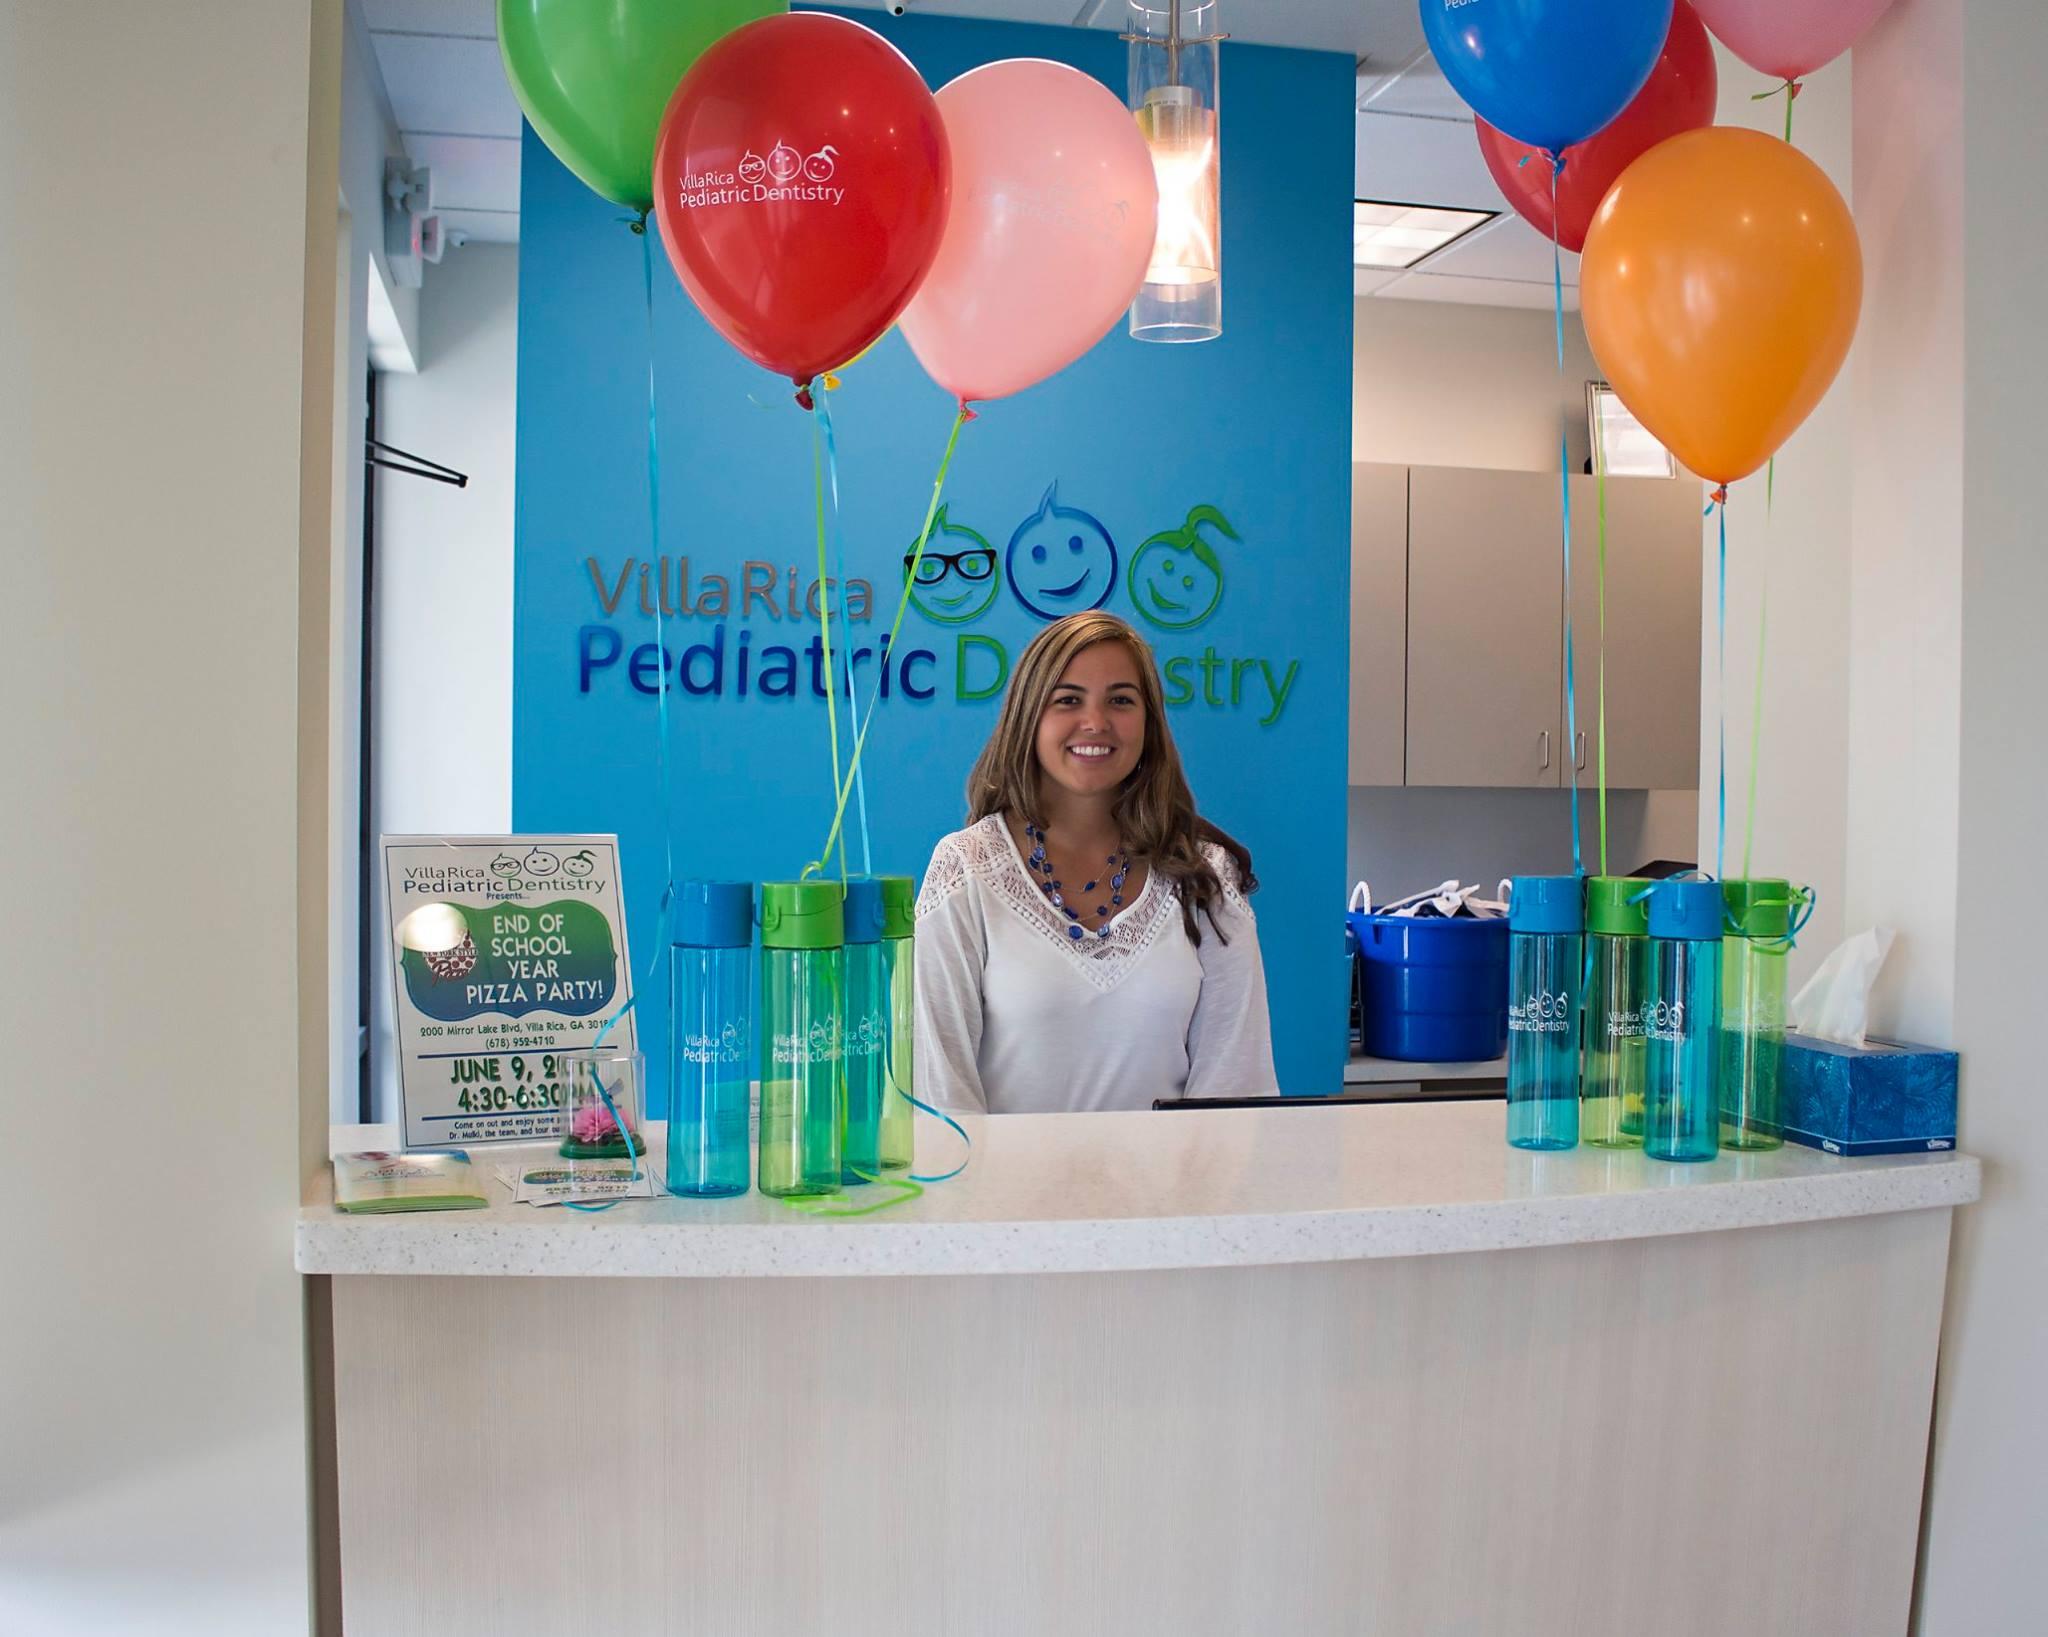 Heather2 VIlla Rica Pediatric Dentist